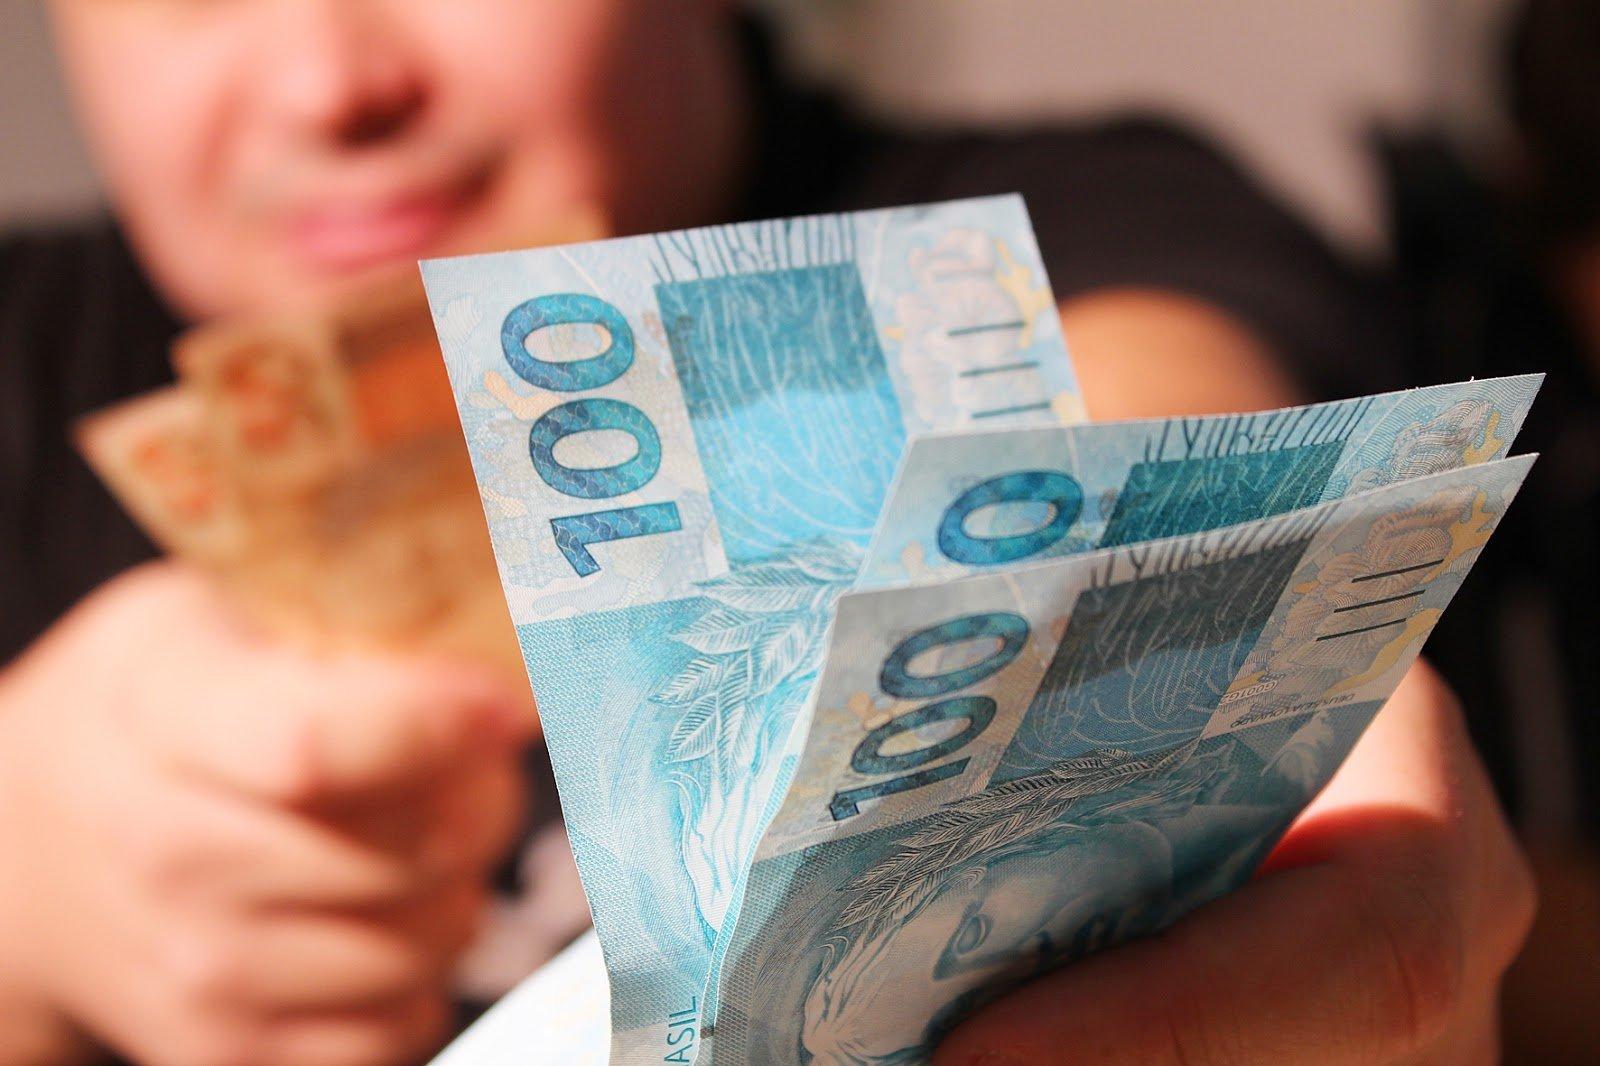 Aumenta previsão de gasto com troca de aposentadoria